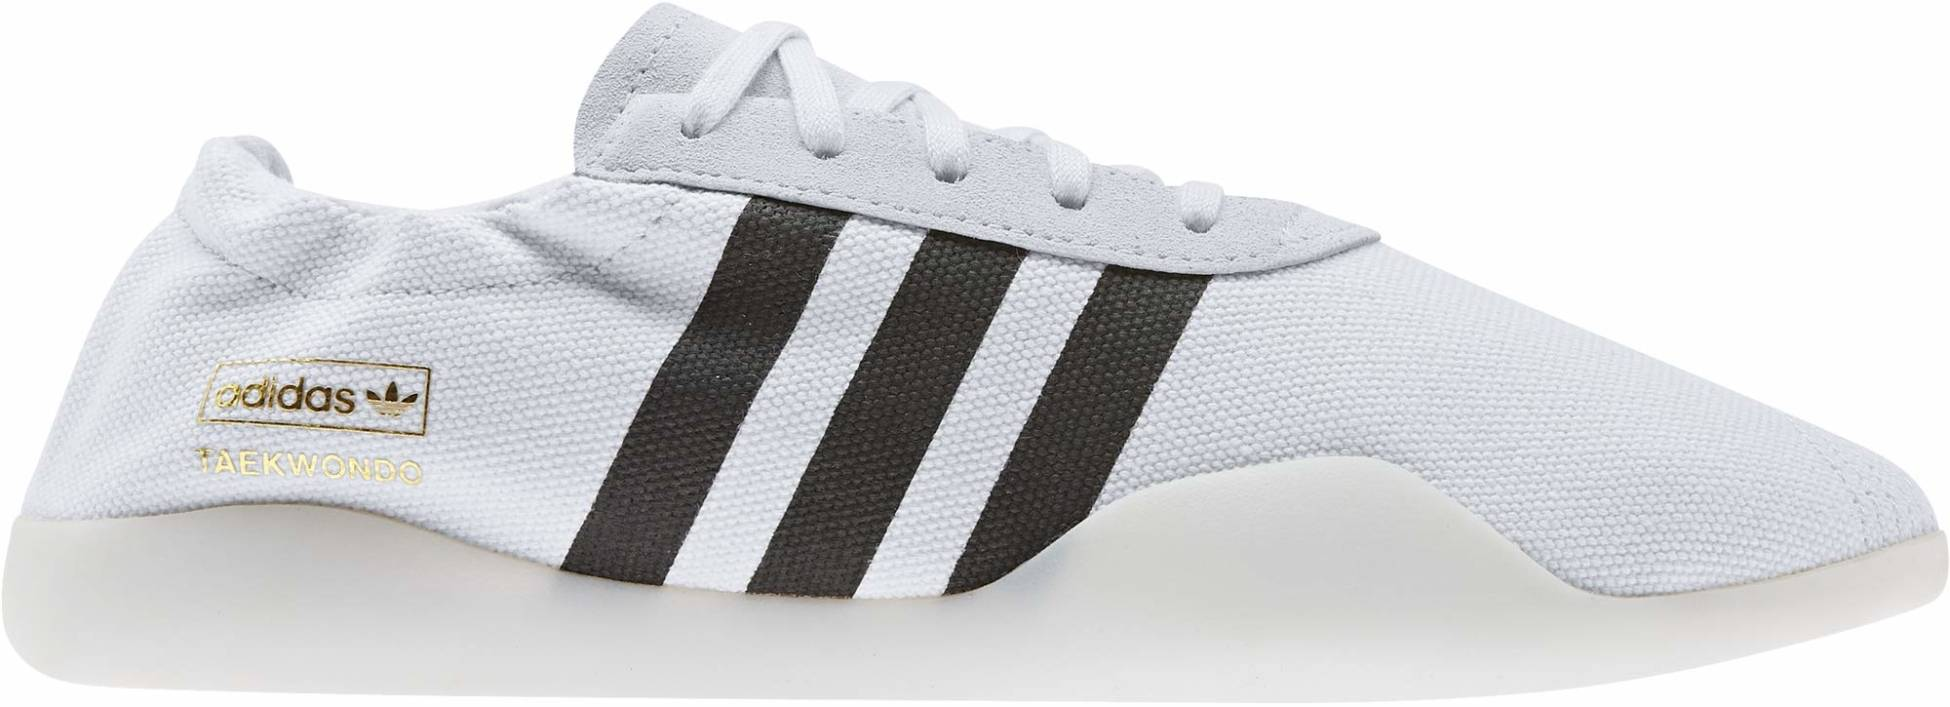 adidas taekwondo trainers size 9